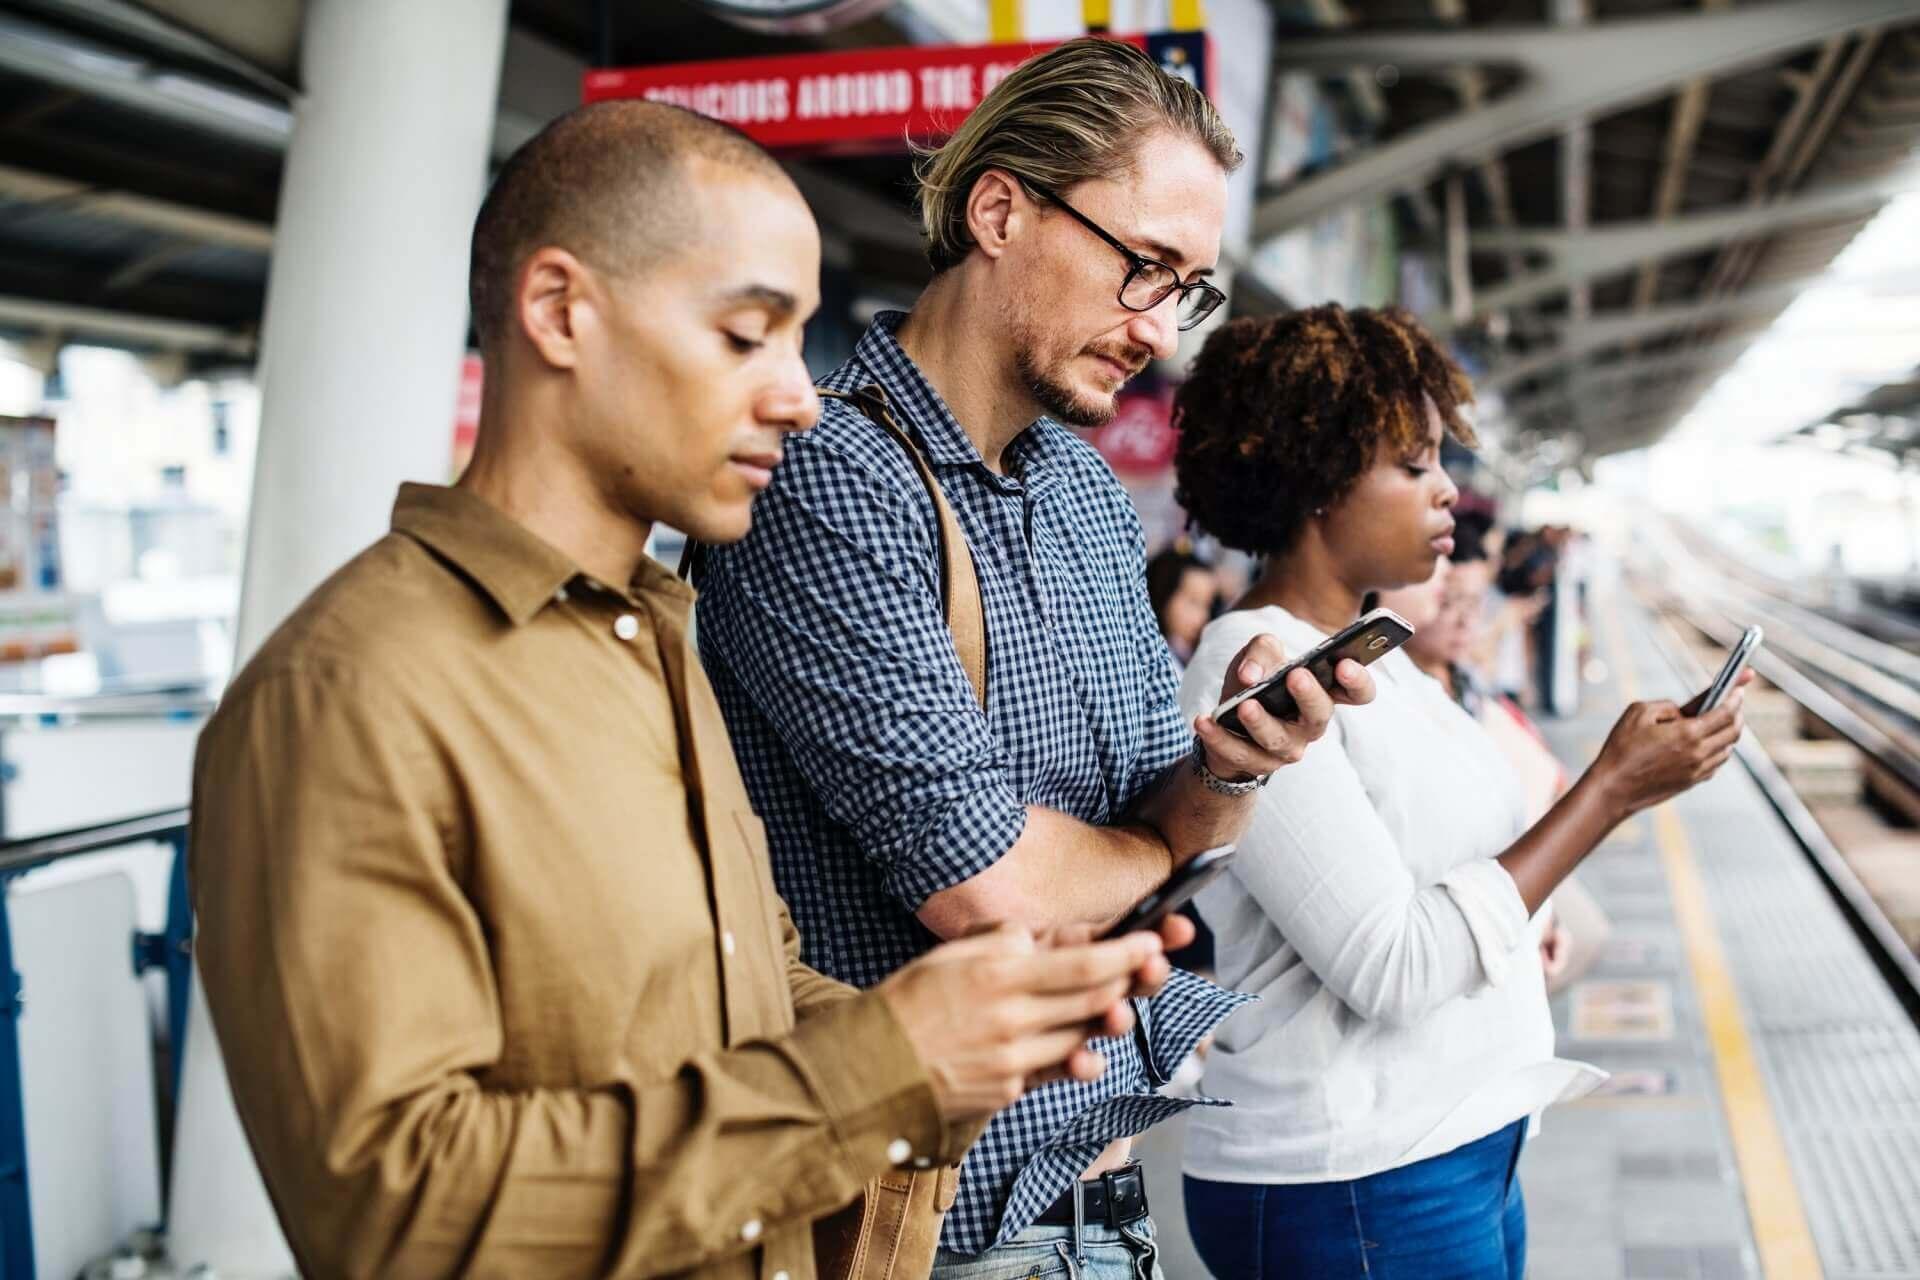 Big Data im E-Commerce wird über drei Personen visualisiert, die ein Smartphone am Gleis eines Bahnhofs nutzen.